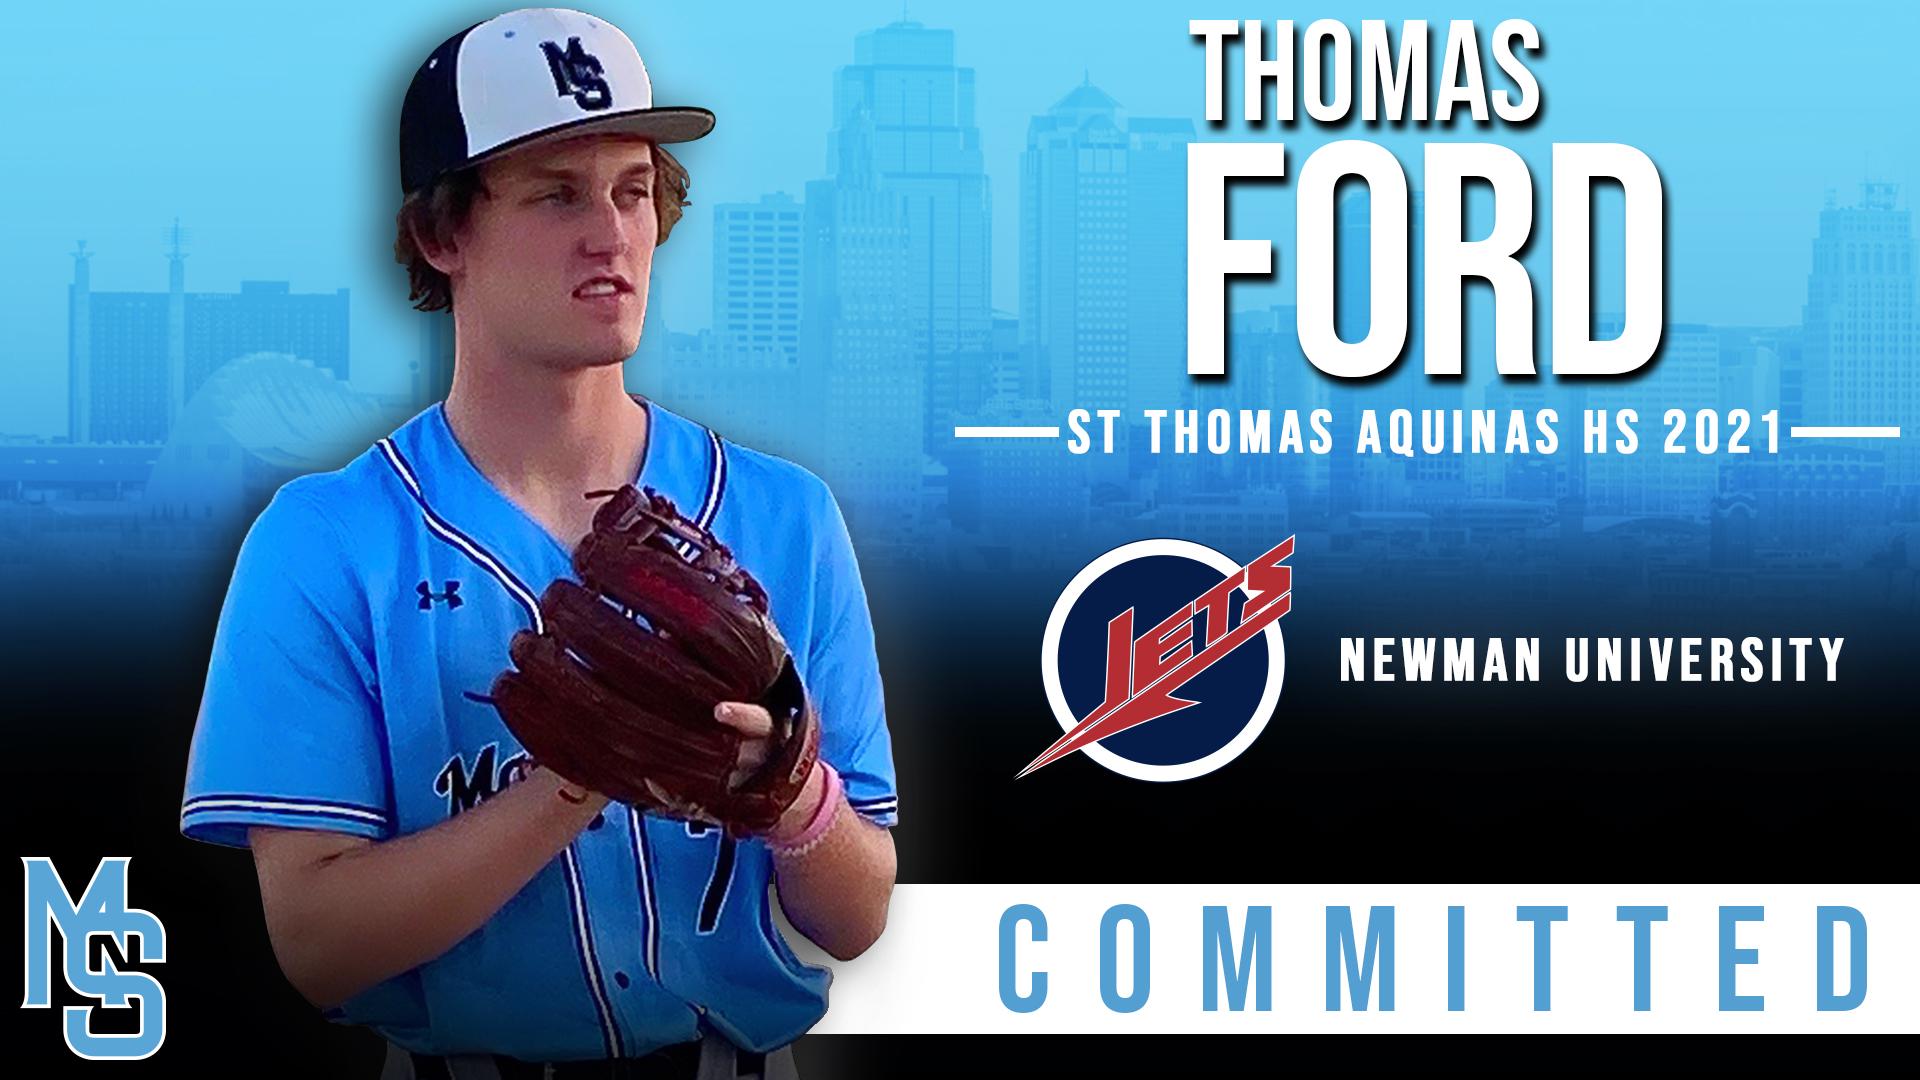 Thomas Ford - 1920 x 1080